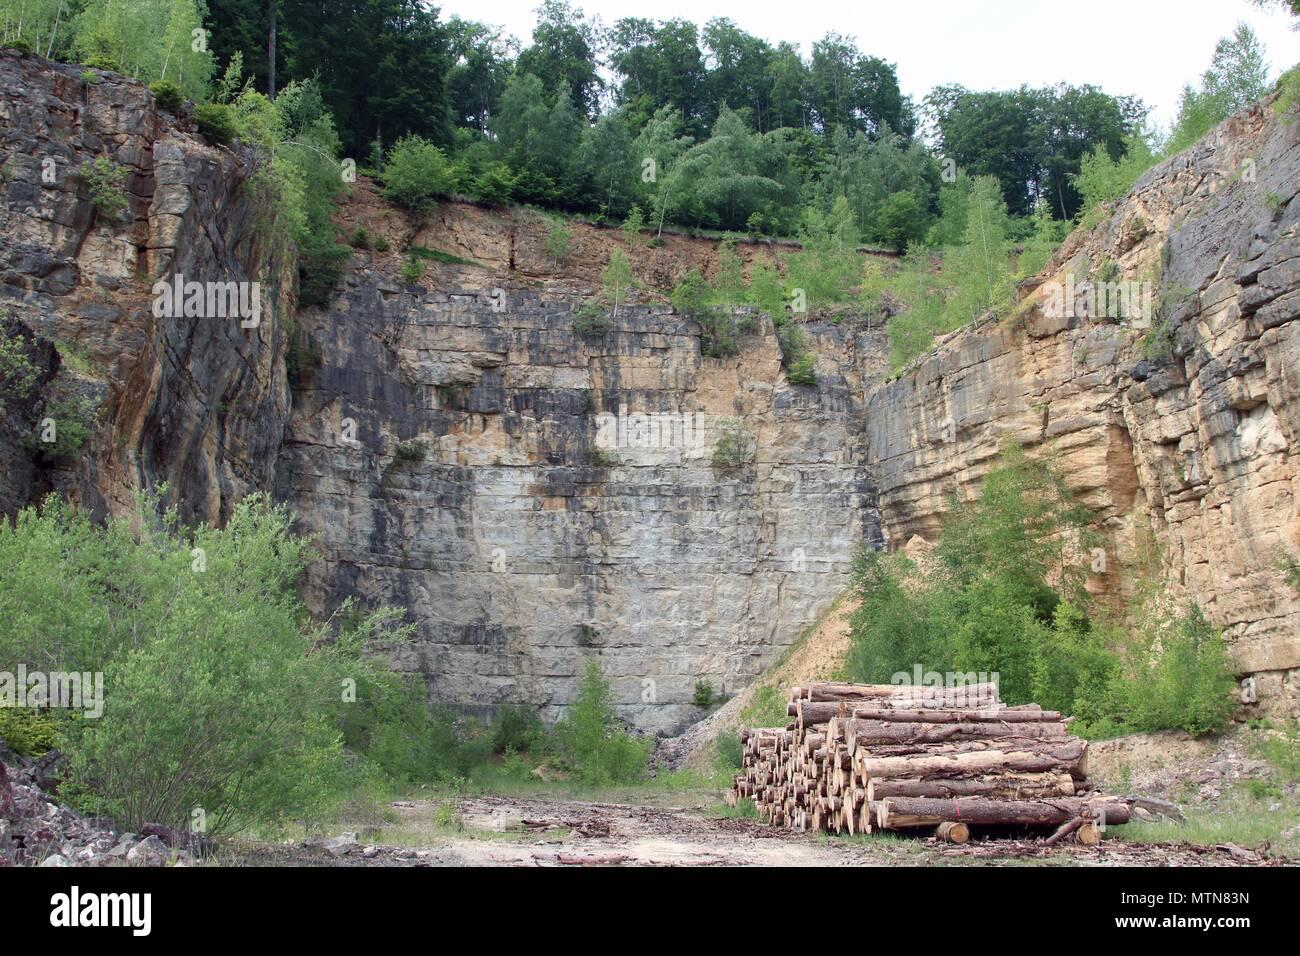 Carrière de Pierres abandonnée près de l'Altmühltal Allemagne Bavière Solnhofen Europe Banque D'Images